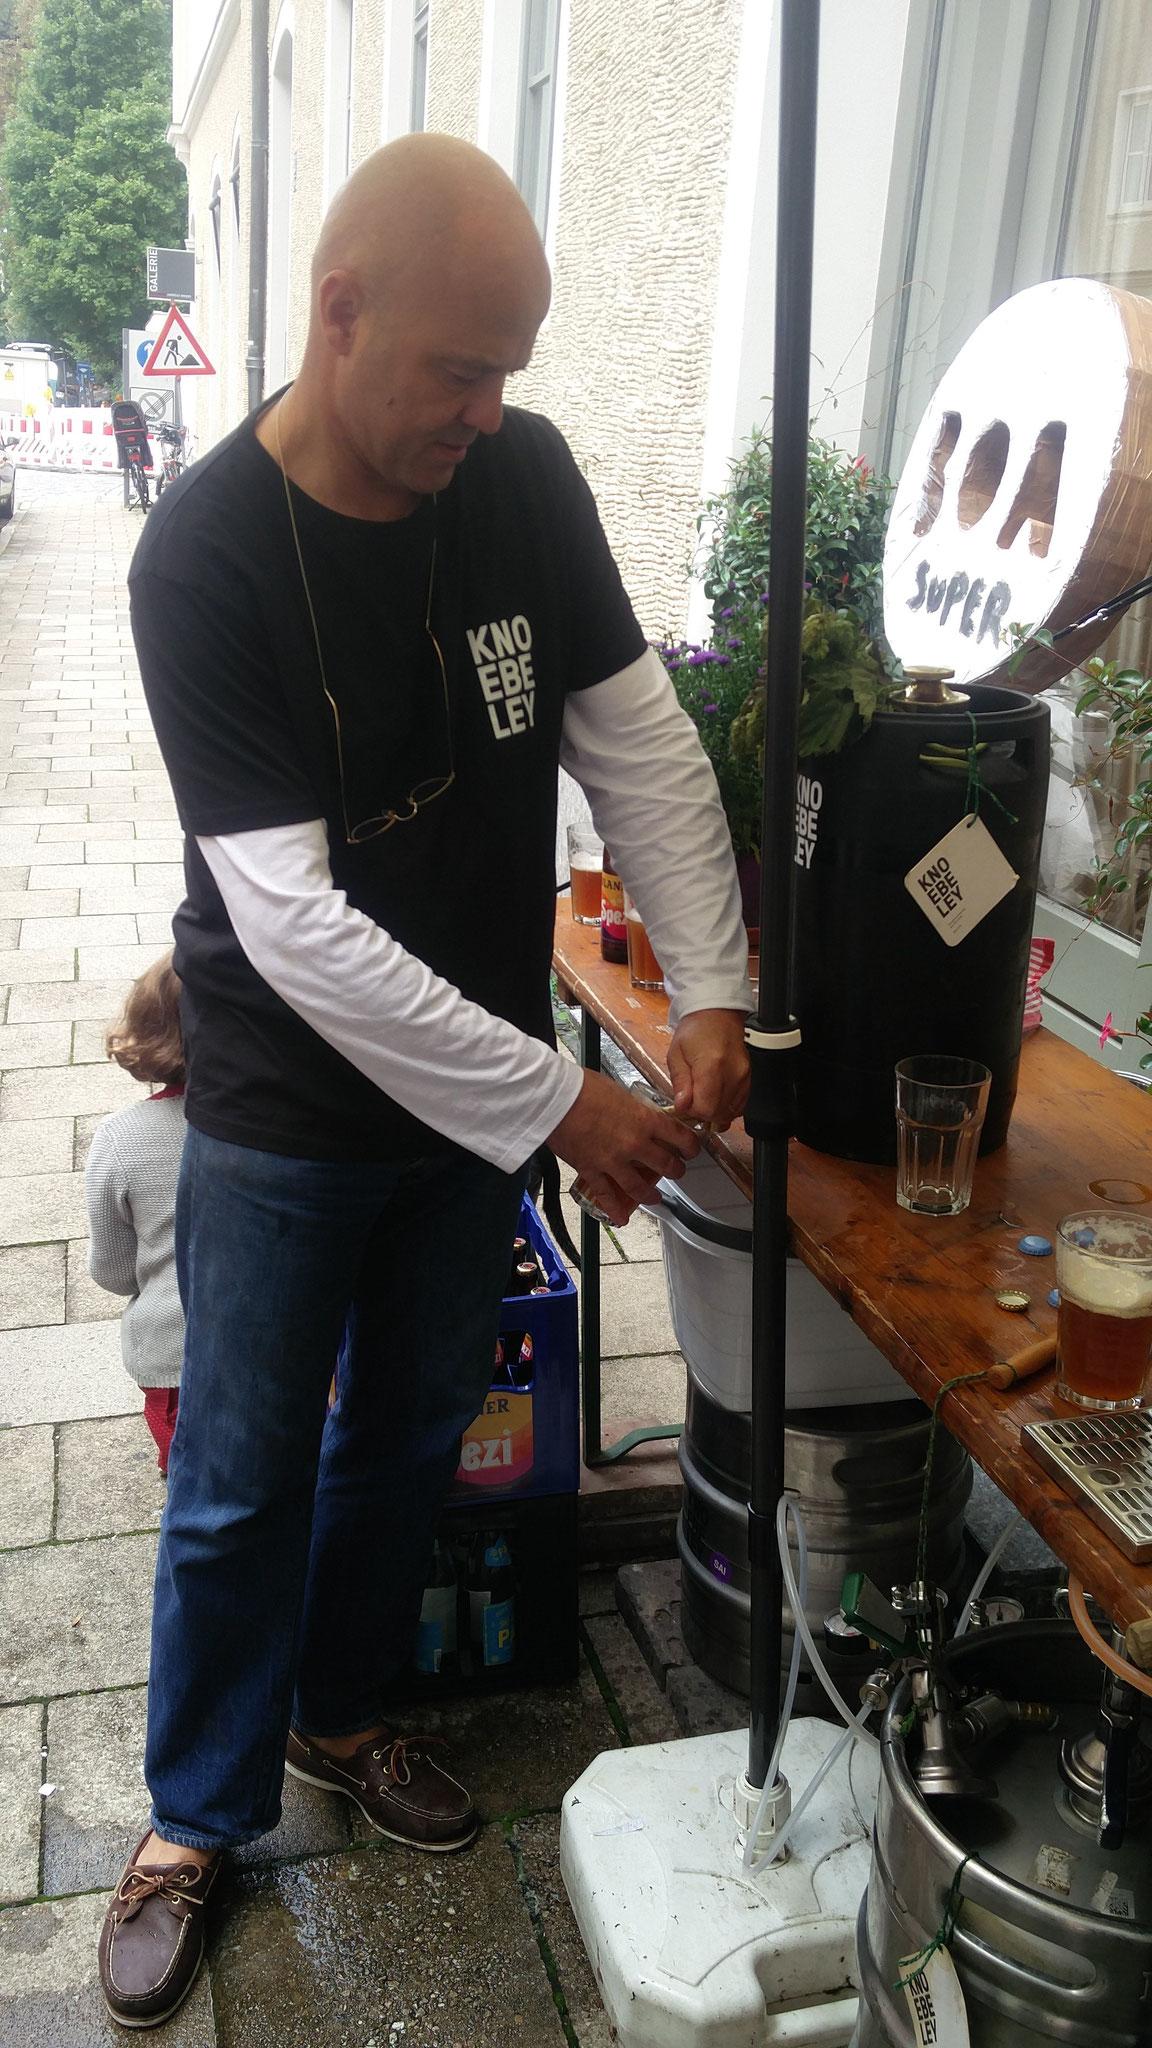 Braumeister Hild am Fass: Bier und Spenden fließen!